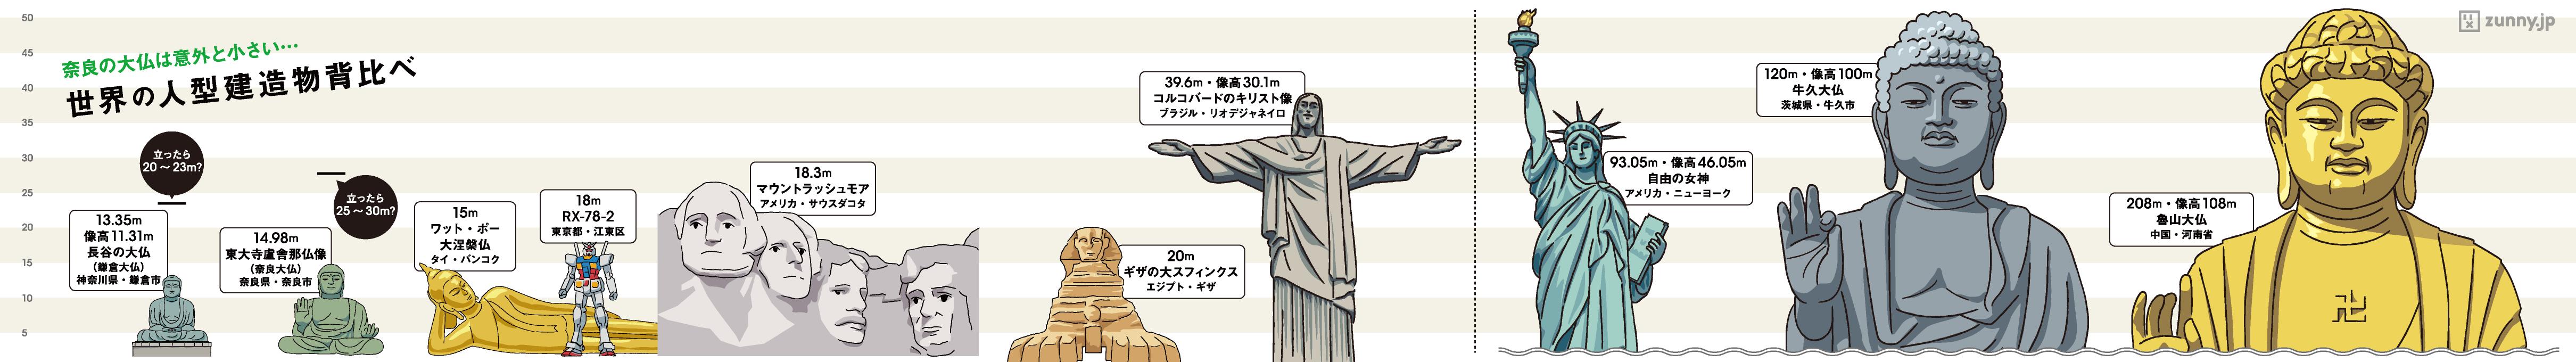 インフォグラフィック:魯山大仏は鎌倉大仏の14倍!ギネス認定された牛久大仏の1.7倍